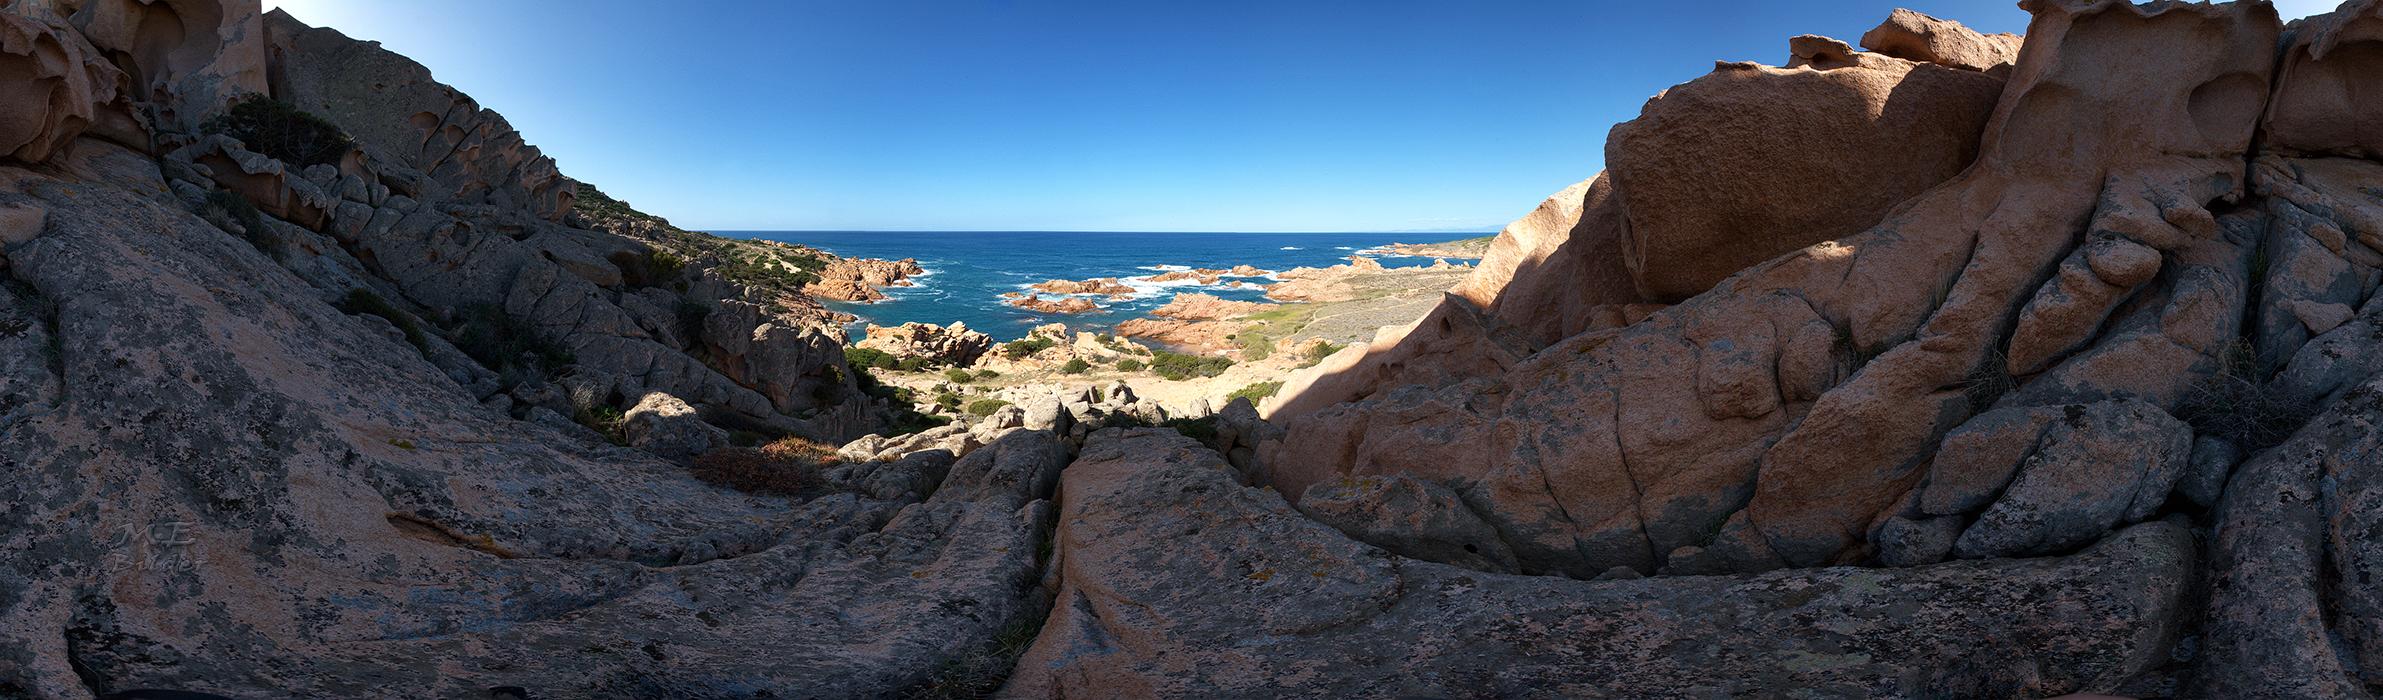 360° Nordwest Küste Sardinen - aus 48 Einzelaufnahmen